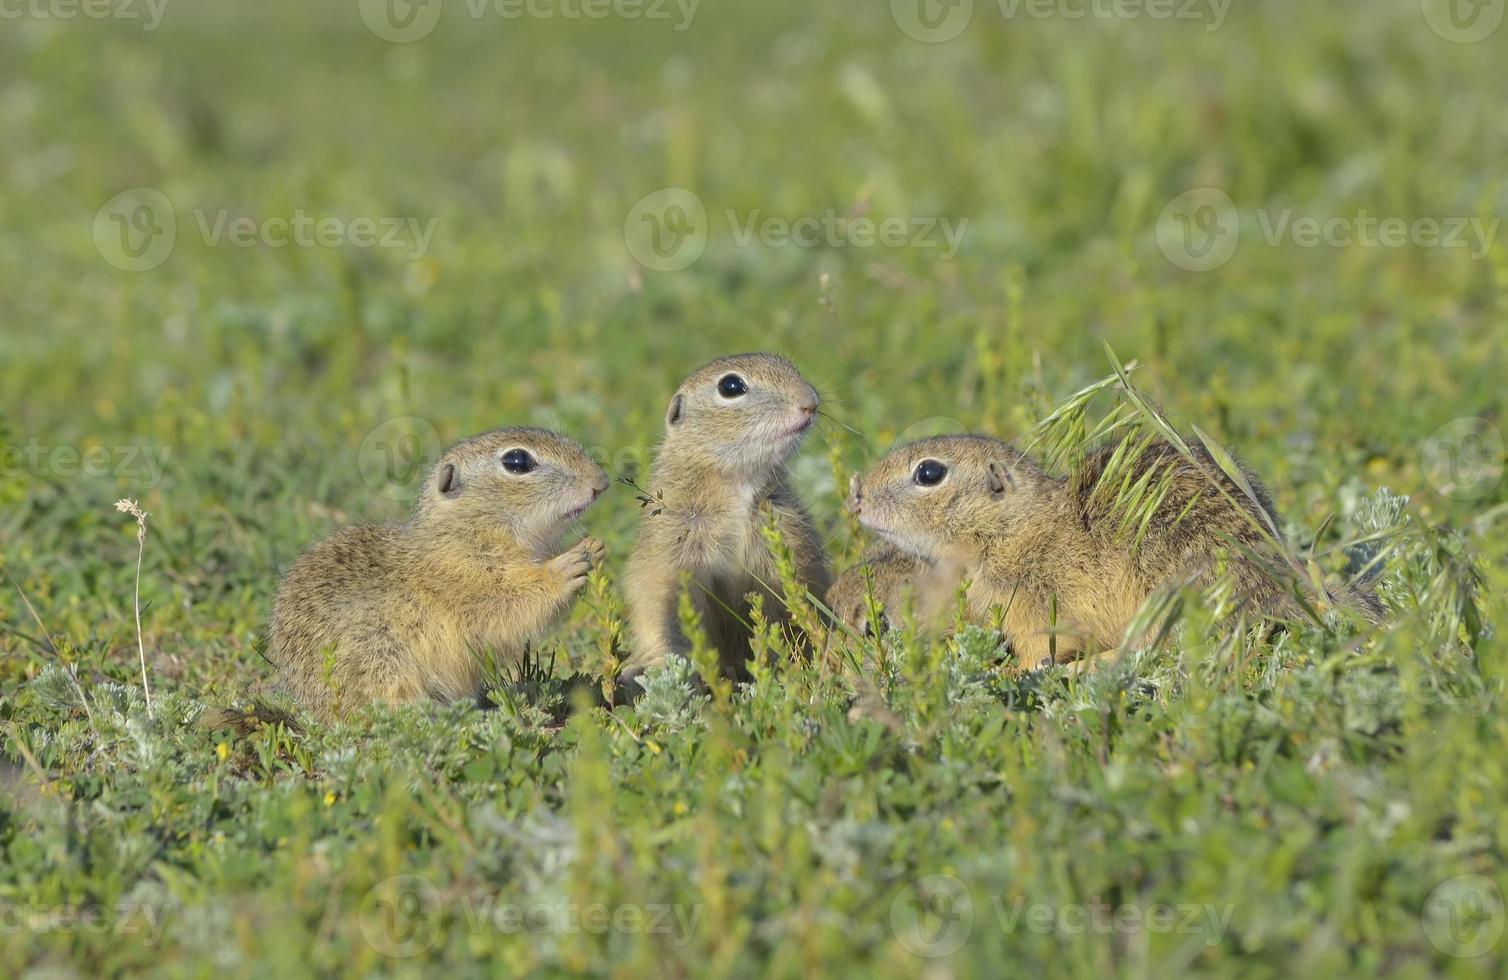 esquilo à terra, esquilo (spermophilus citellus) foto